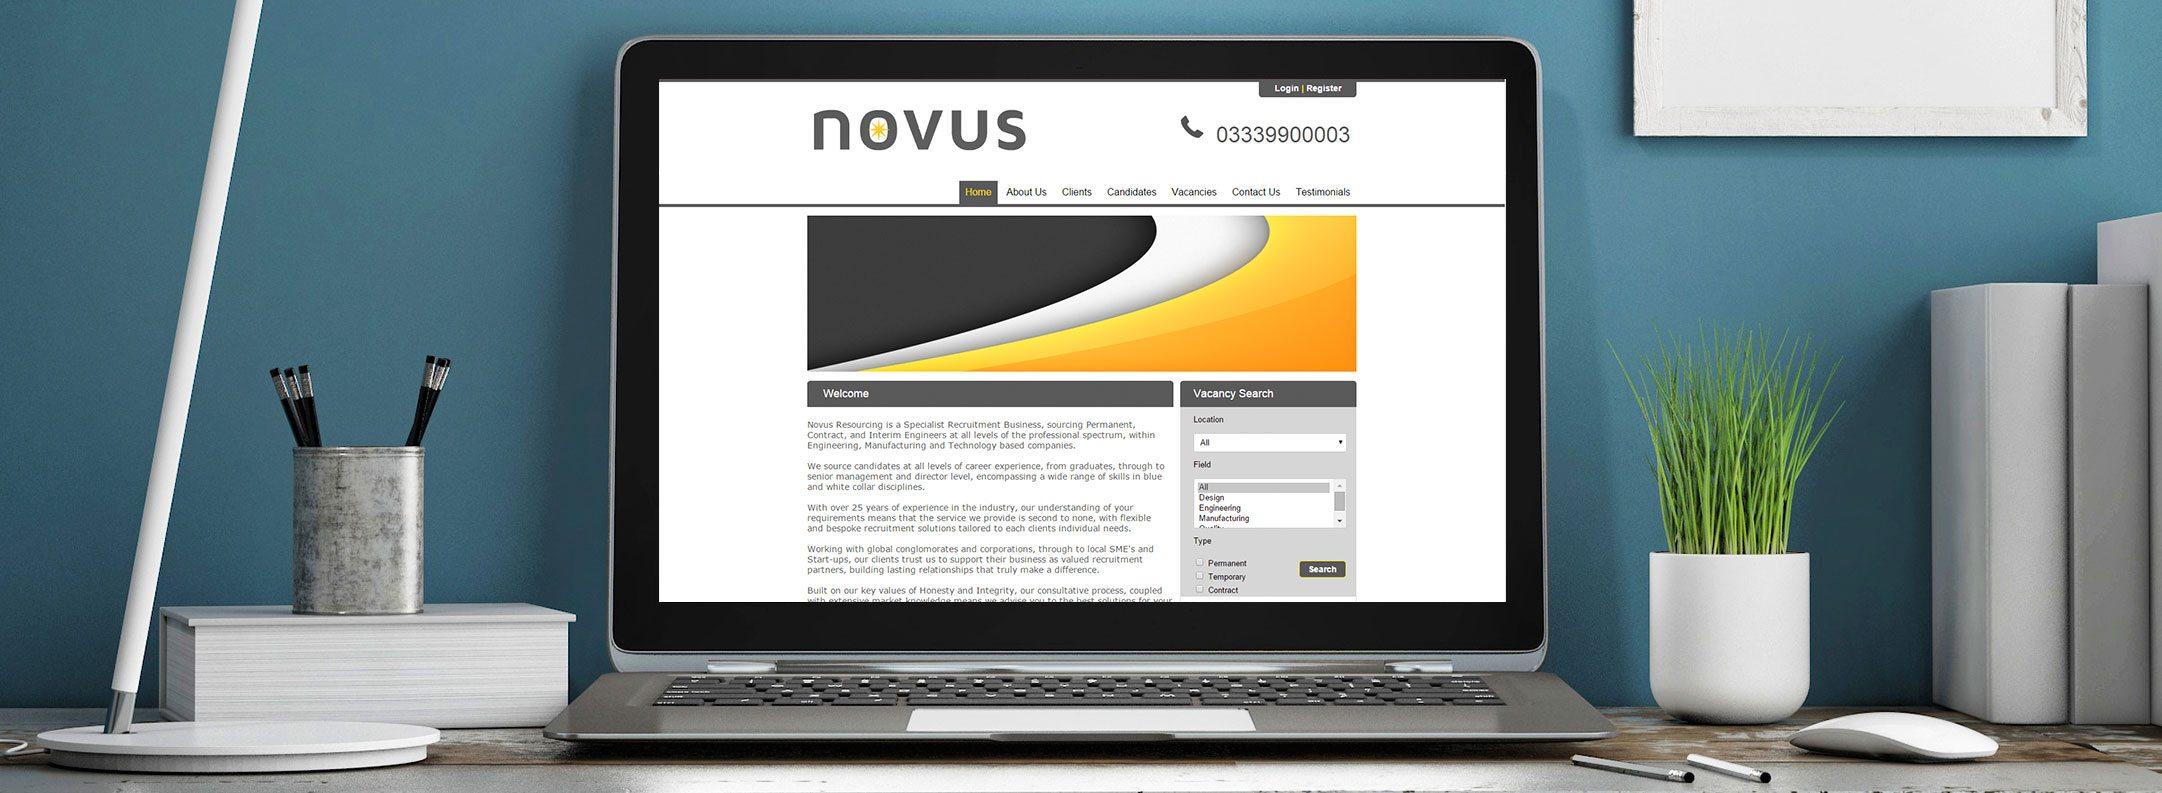 Website-banner-novus